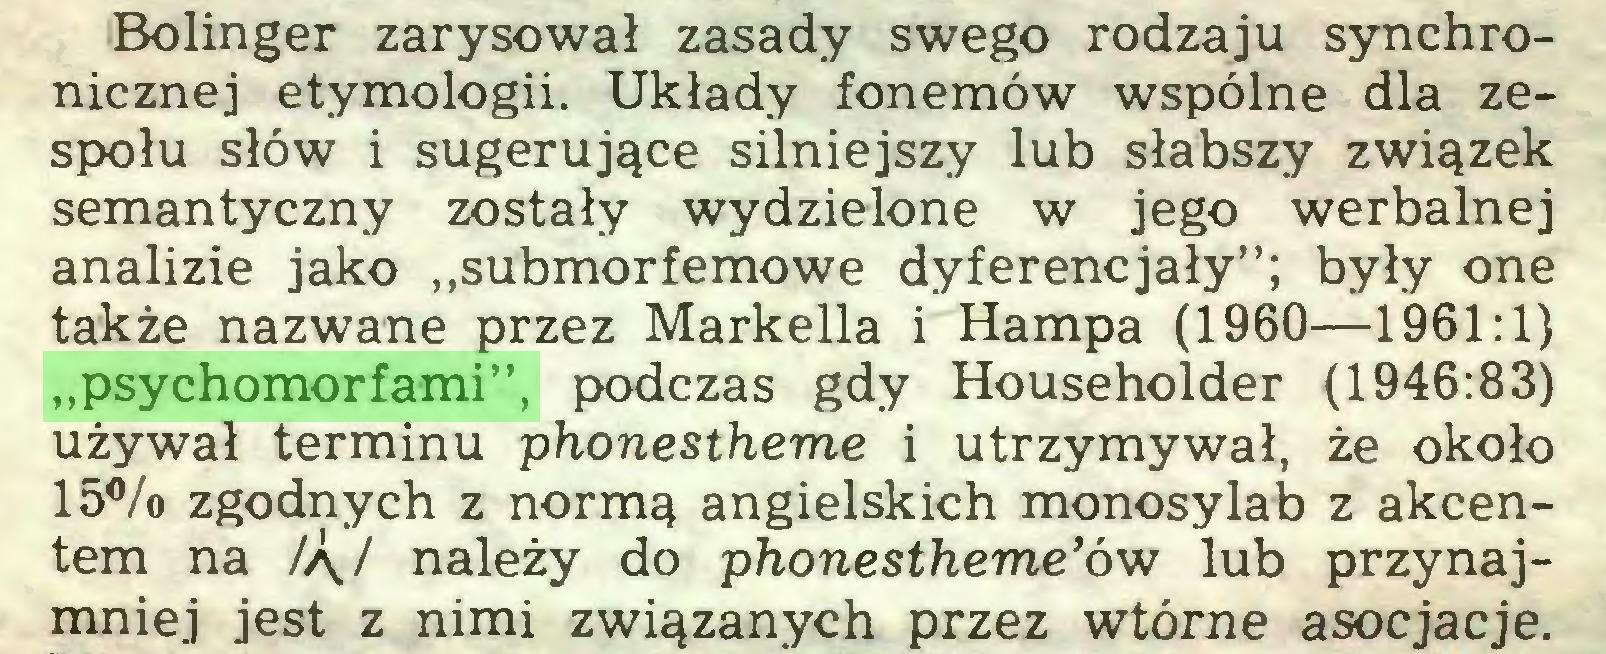 """(...) Bolinger zarysował zasady swego rodzaju synchronicznej etymologii. Układy fonemów wspólne dla zespołu słów i sugerujące silniejszy lub słabszy związek semantyczny zostały wydzielone w jego werbalnej analizie jako """"submorfemowe dyferencjały""""; były one także nazwane przez Markella i Hampa (1960—1961:1) """"psychomorfami"""", podczas gdy Householder (1946:83) używał terminu phonestheme i utrzymywał, że około 15% zgodnych z normą angielskich monosylab z akcentem na /ą,/ należy do phonestheme'ów lub przynajmniej jest z nimi związanych przez wtórne asocjacje..."""